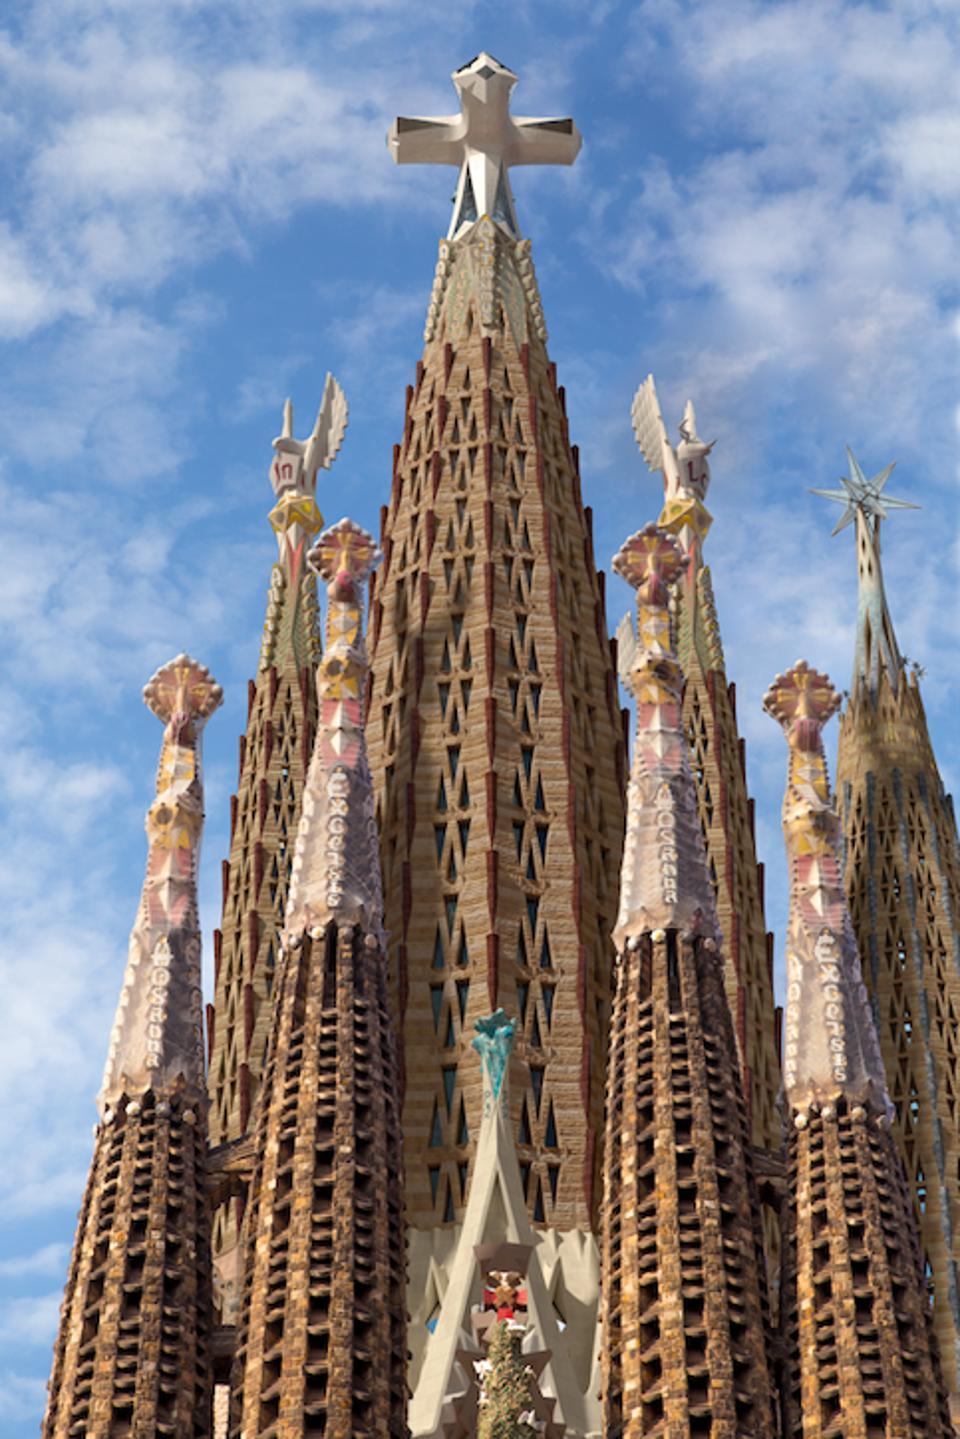 Espectacular tour virtual para conocer cada rincón de la Sagrada Familia de Barcelona 1